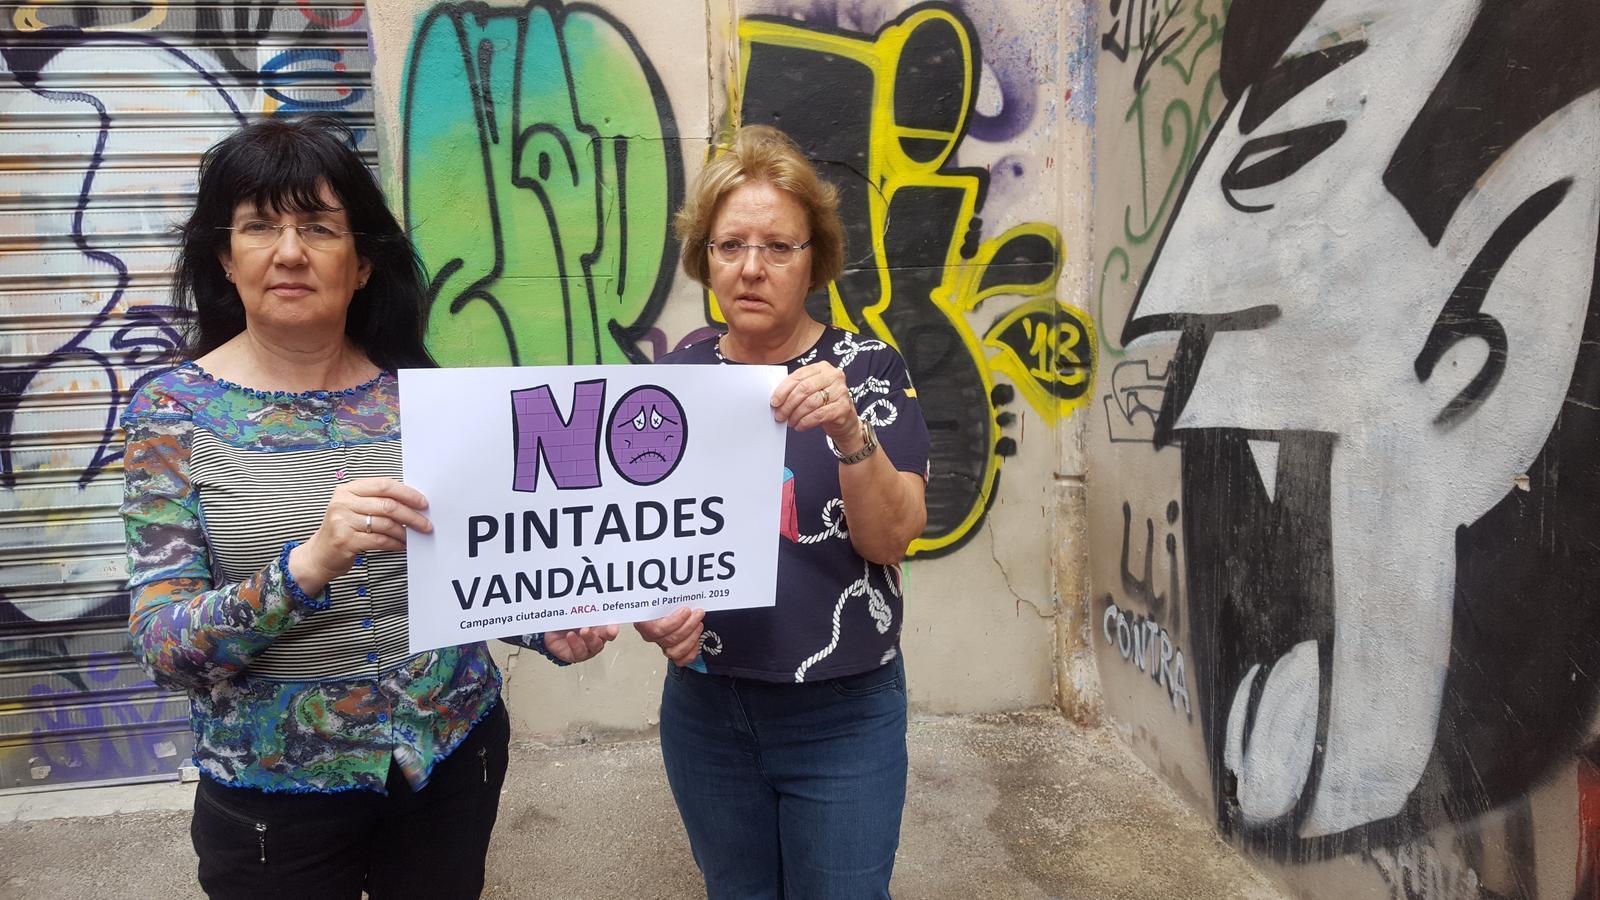 Àngels Fermoselle i Rosa Planas presenten la campanya d'ARCA contra les pintades vandàliques